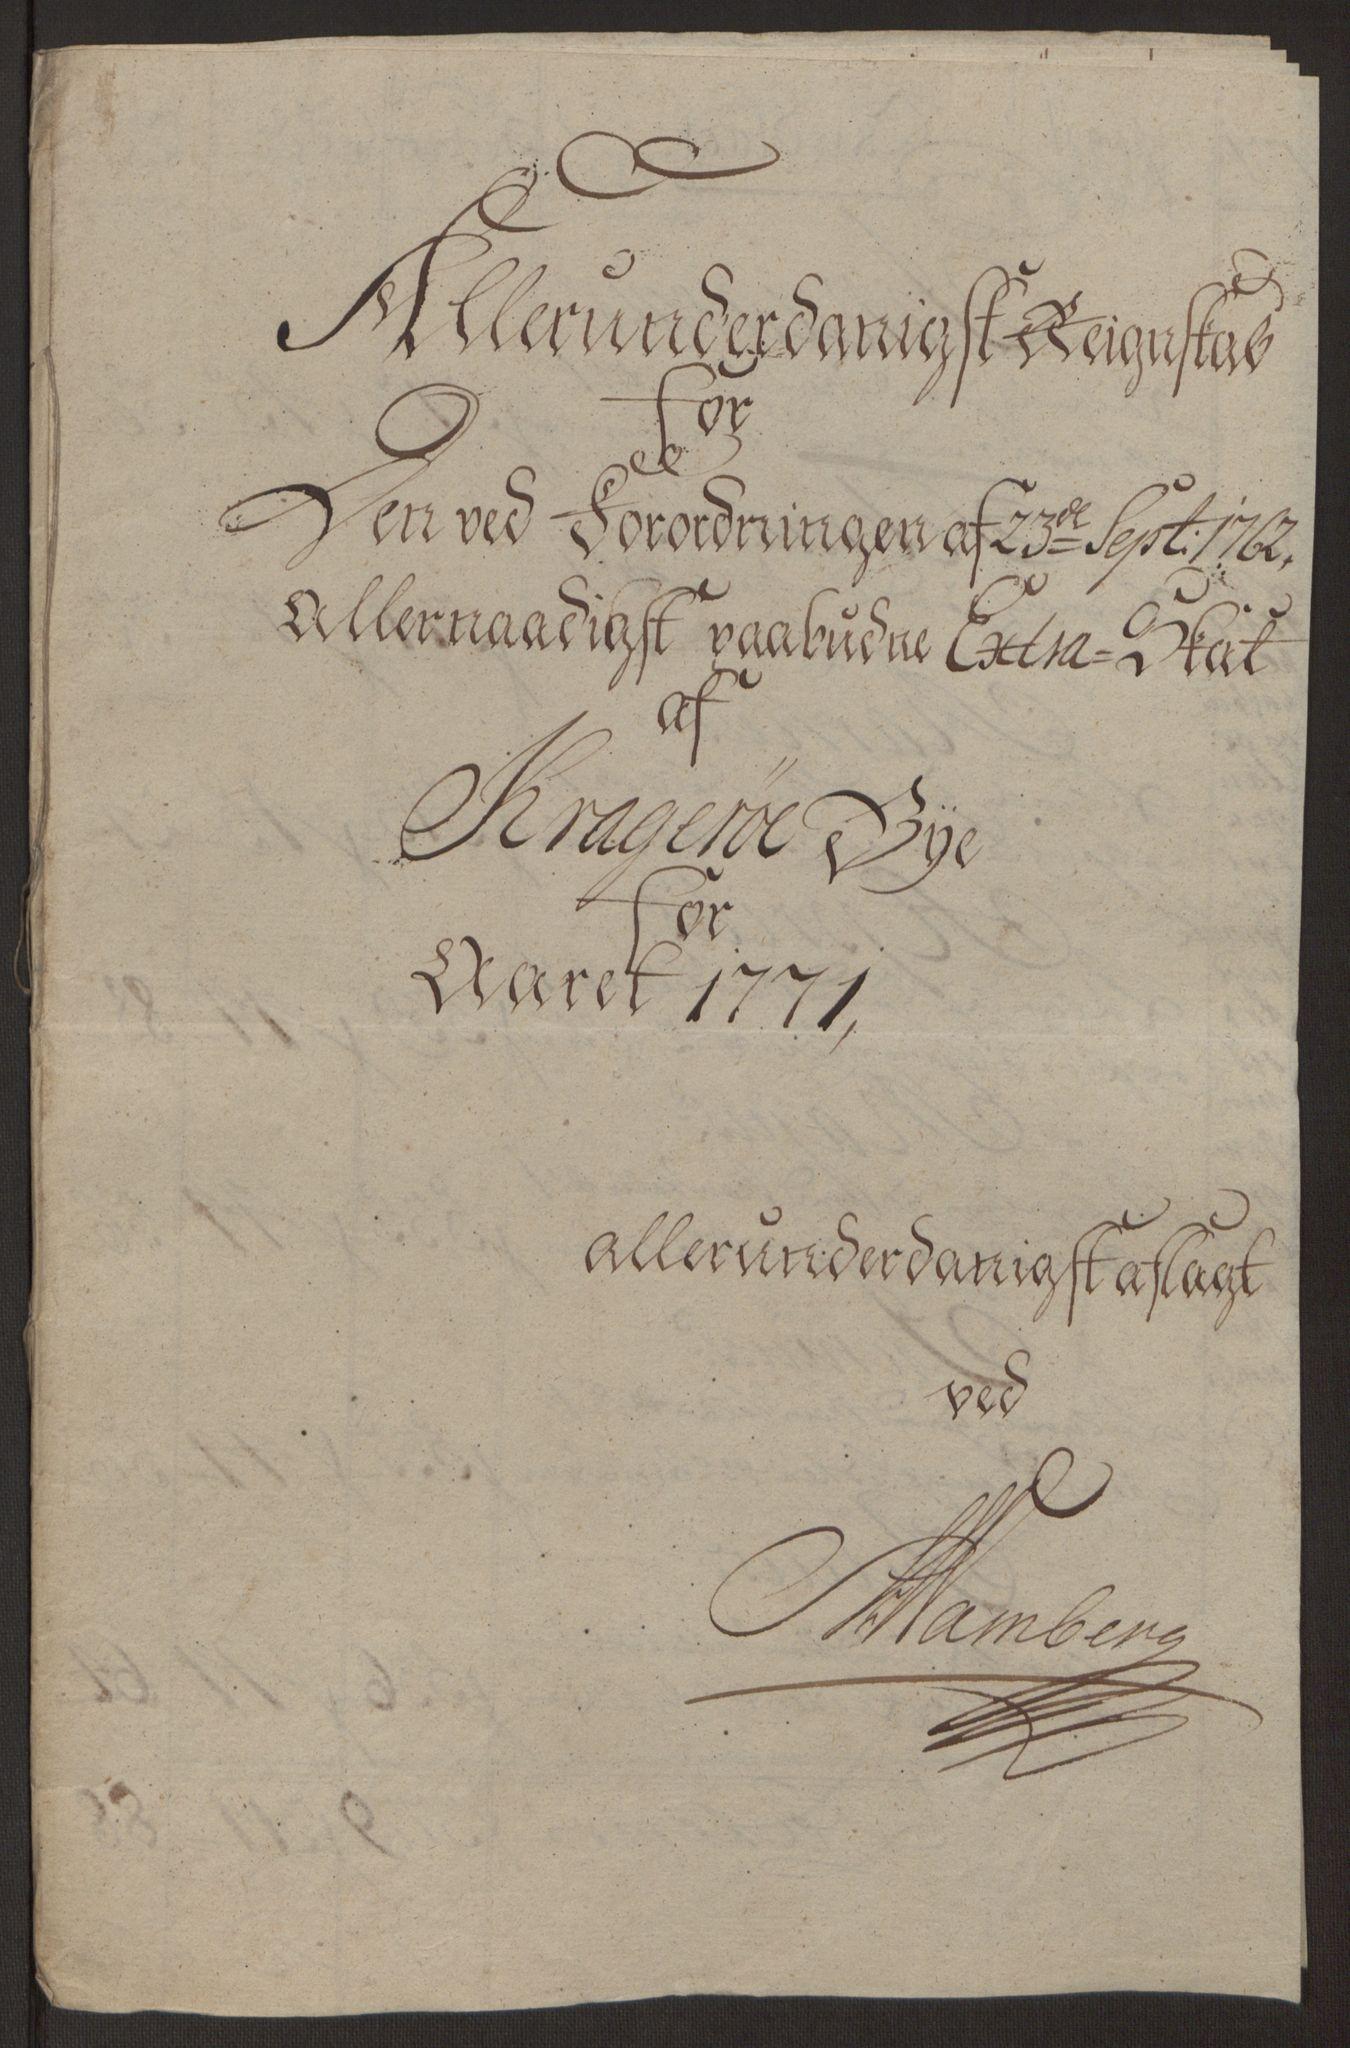 RA, Rentekammeret inntil 1814, Reviderte regnskaper, Byregnskaper, R/Rk/L0218: [K2] Kontribusjonsregnskap, 1768-1772, s. 59